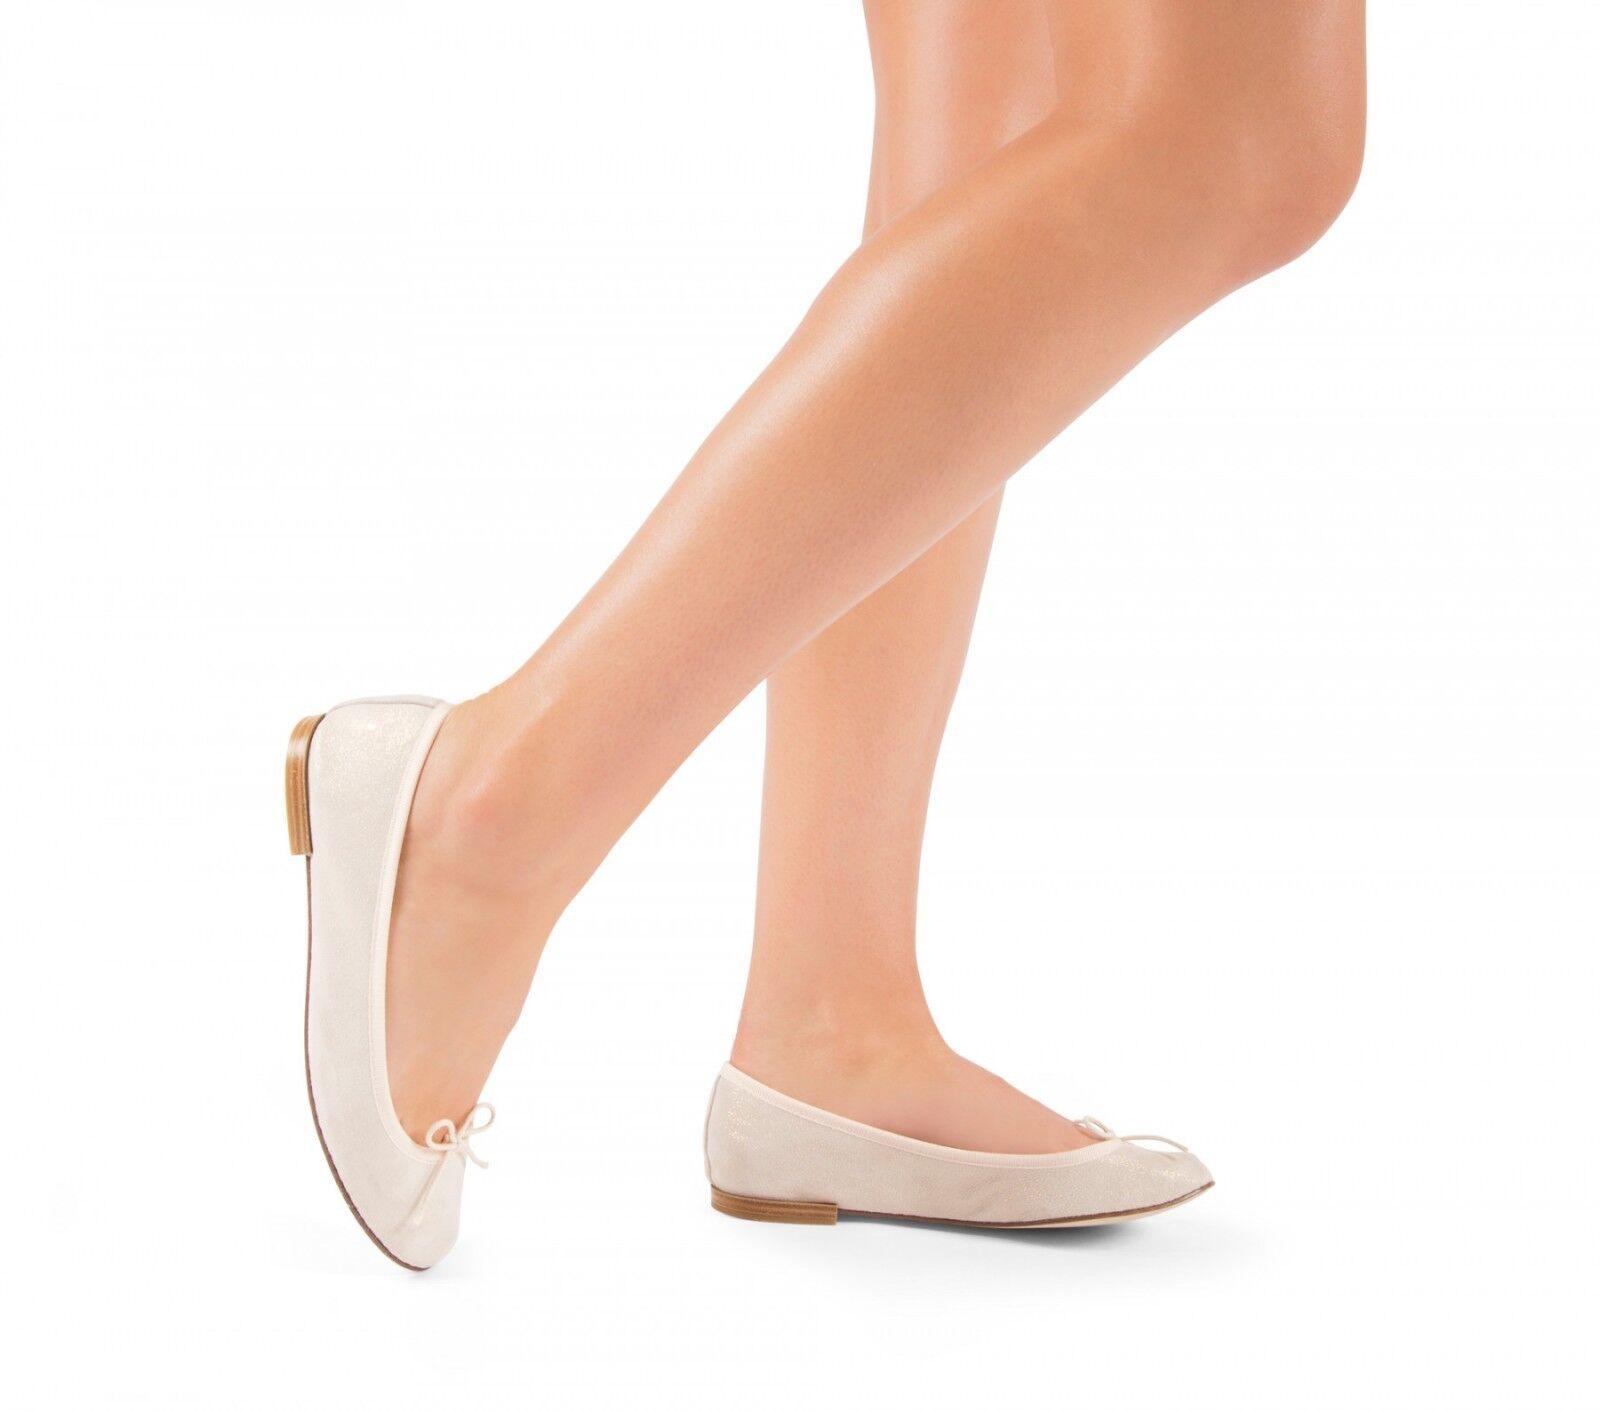 miglior prezzo migliore Repetto Cendrillon Ballet Flats Flats Flats Metallic Goatskin SuedeSpirit Cream Dimensione 41  con il prezzo economico per ottenere la migliore marca